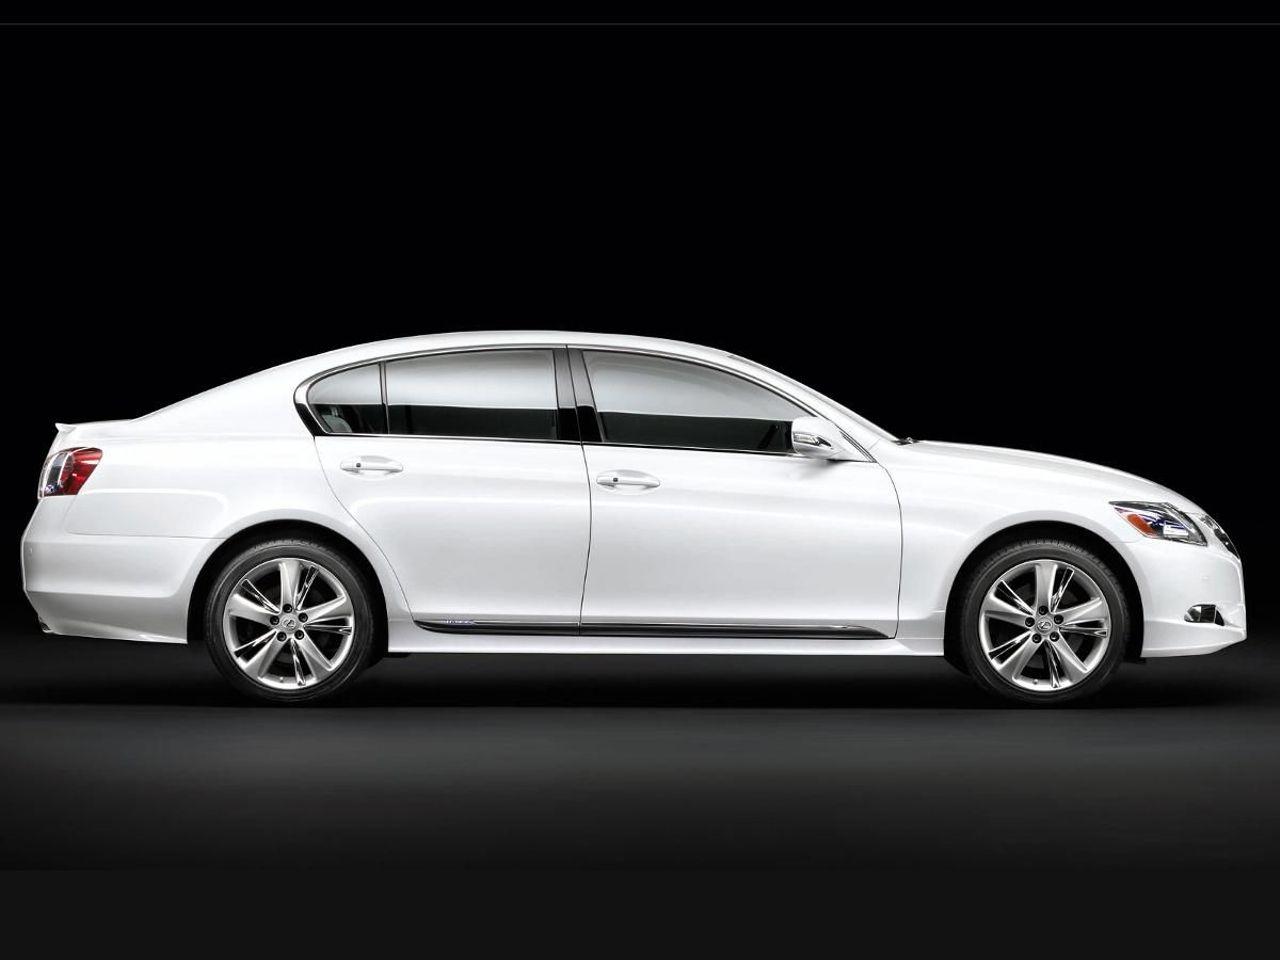 Lexus GS saloon